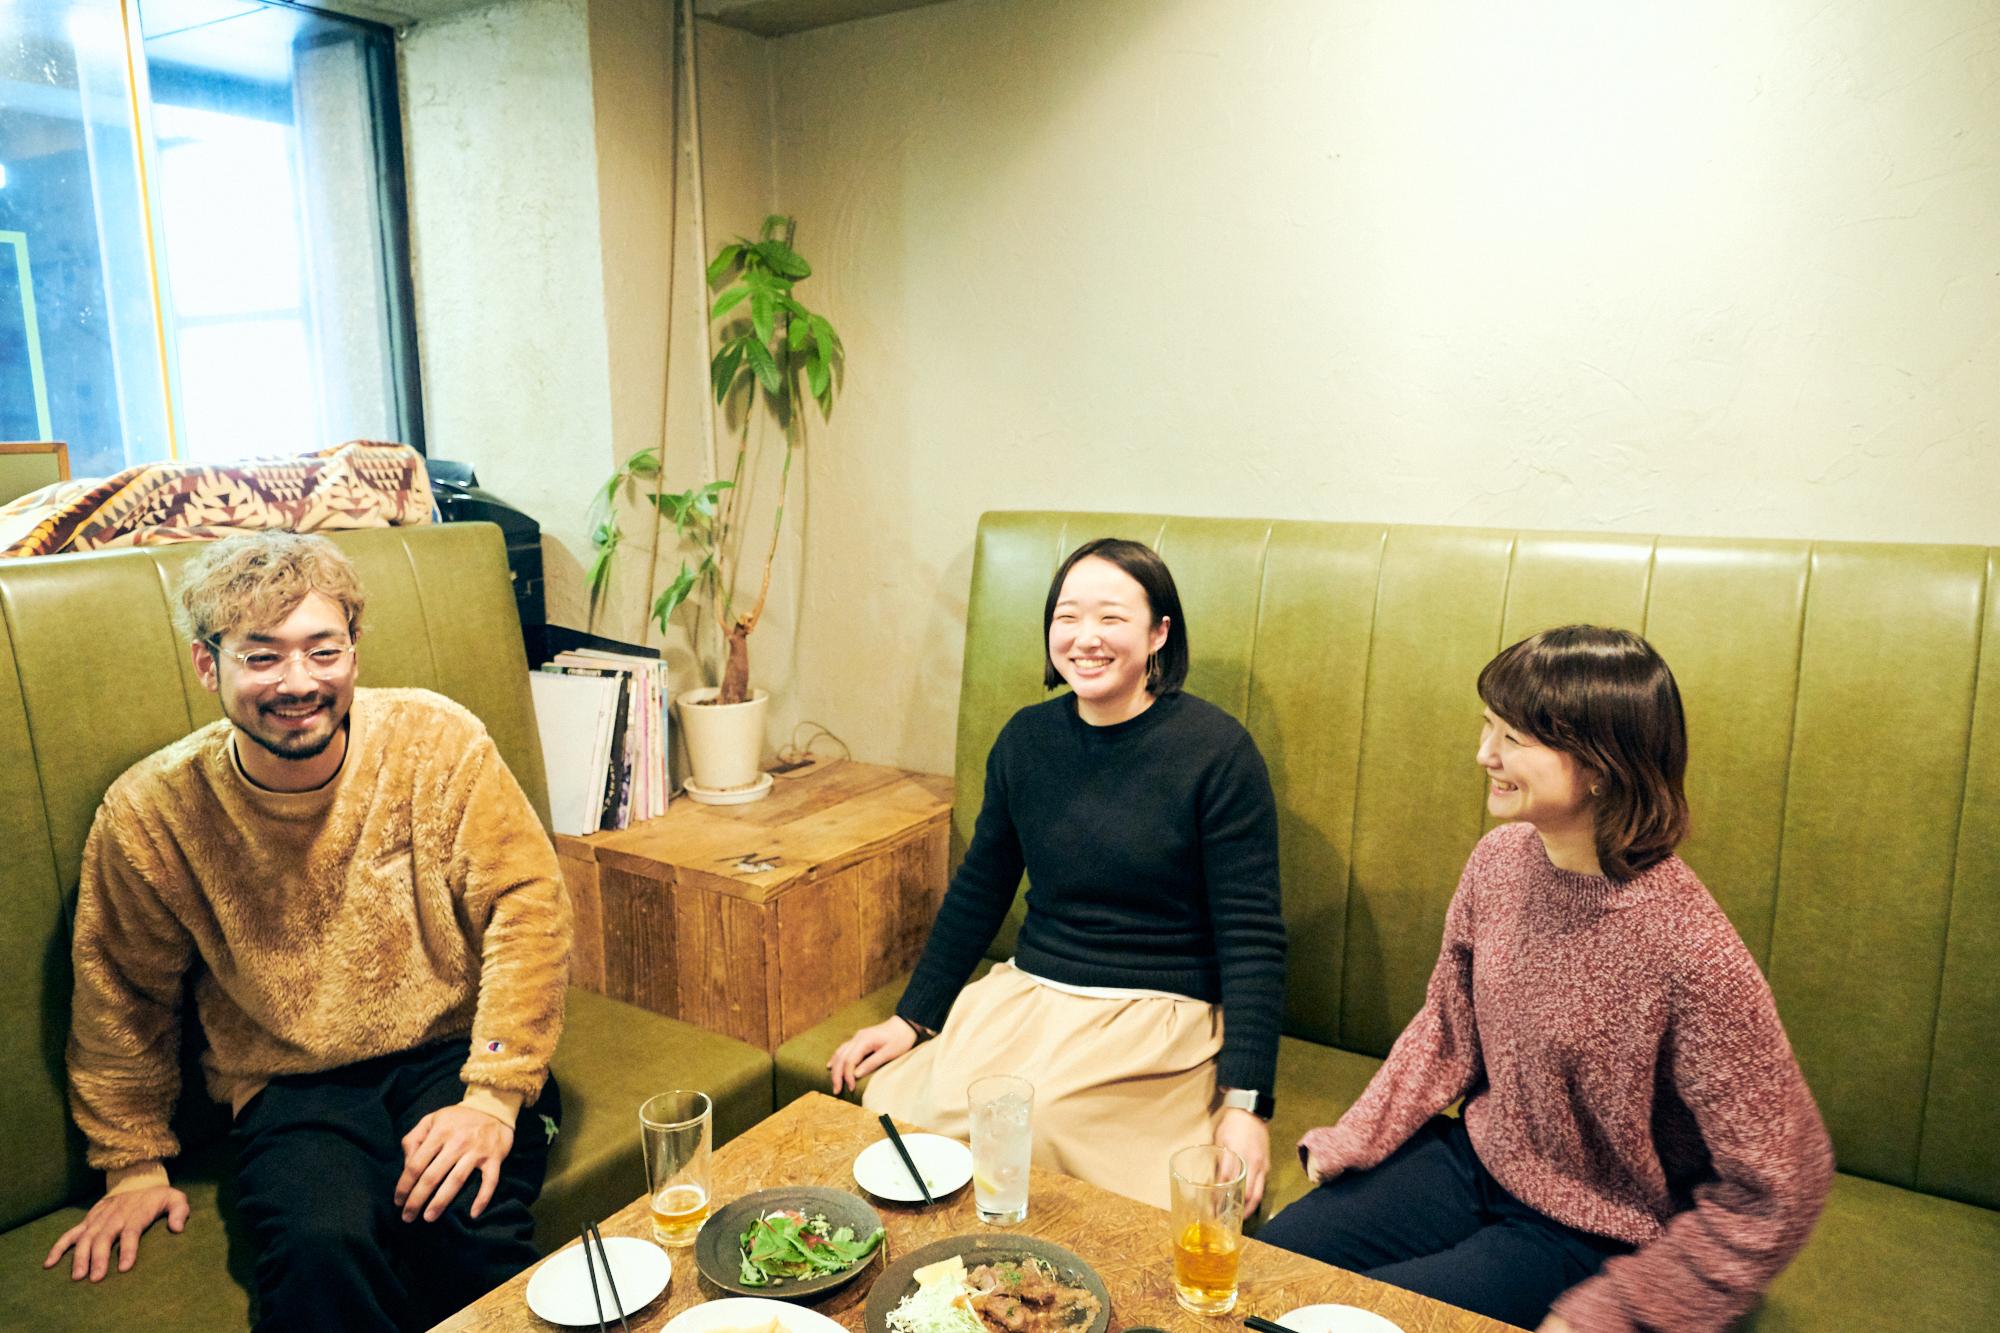 西村大気さん(左)、松竹奈央さん(中央)、丹治遥さん(右)